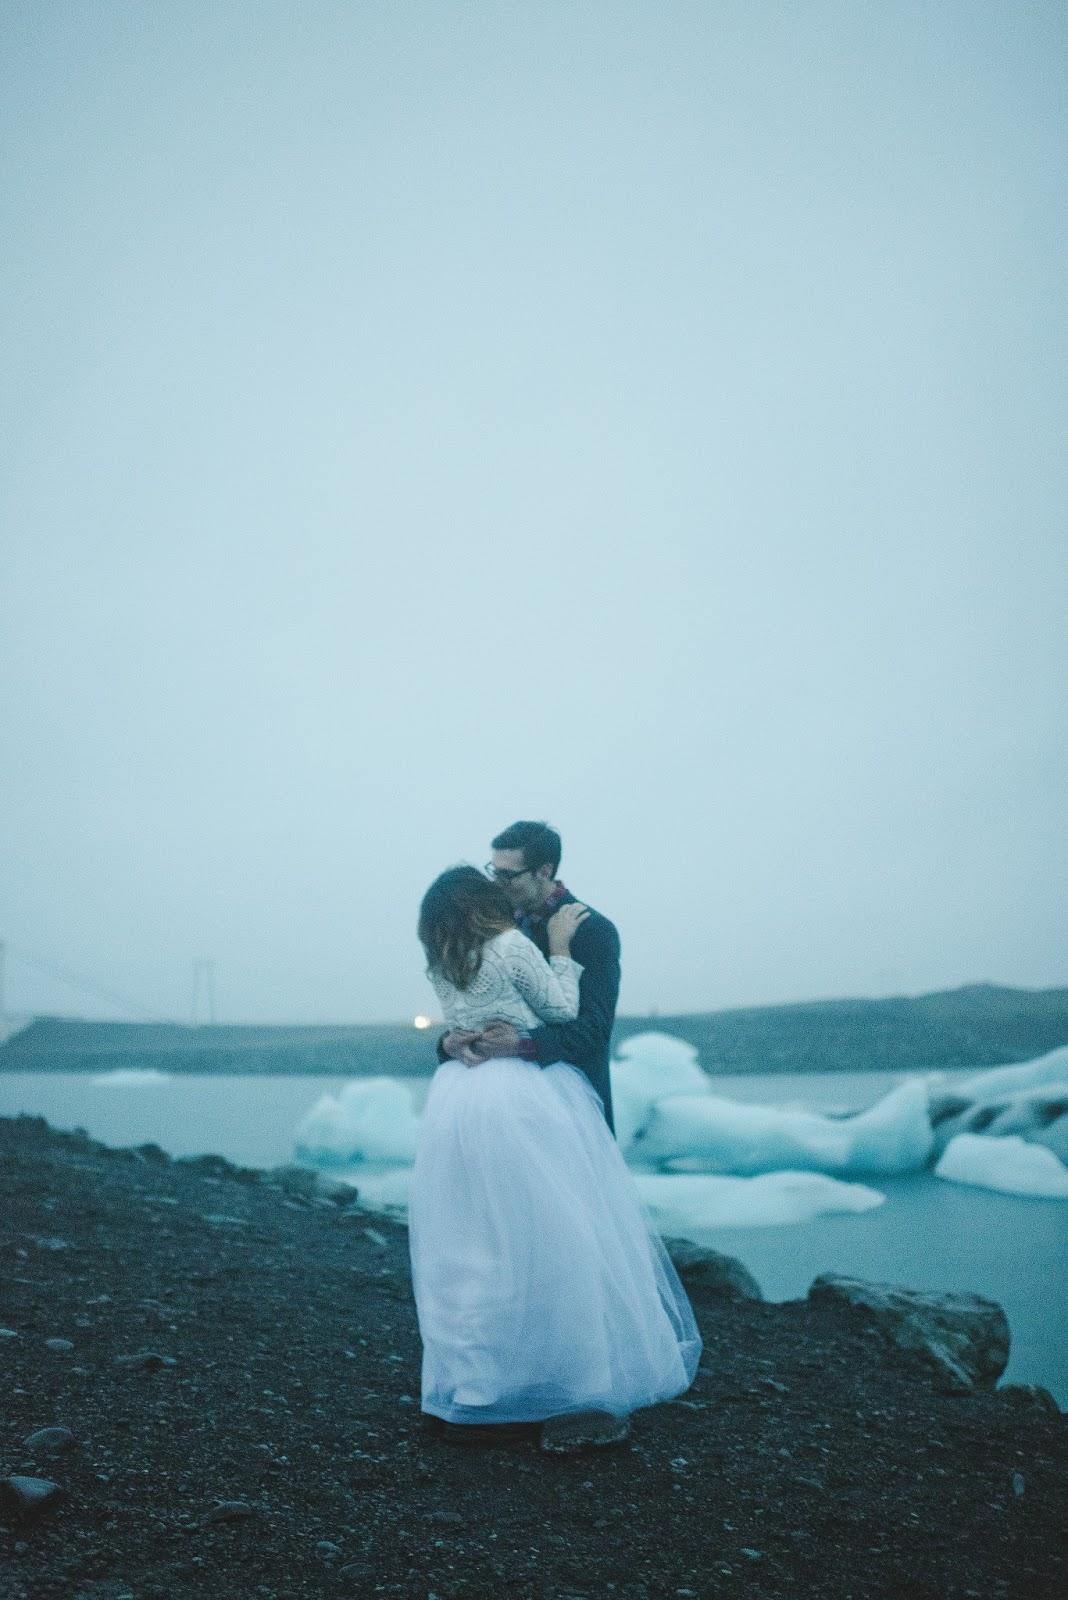 Jökulsárlón, glacial, lagoon, Iceland, wedding, elope, bridal